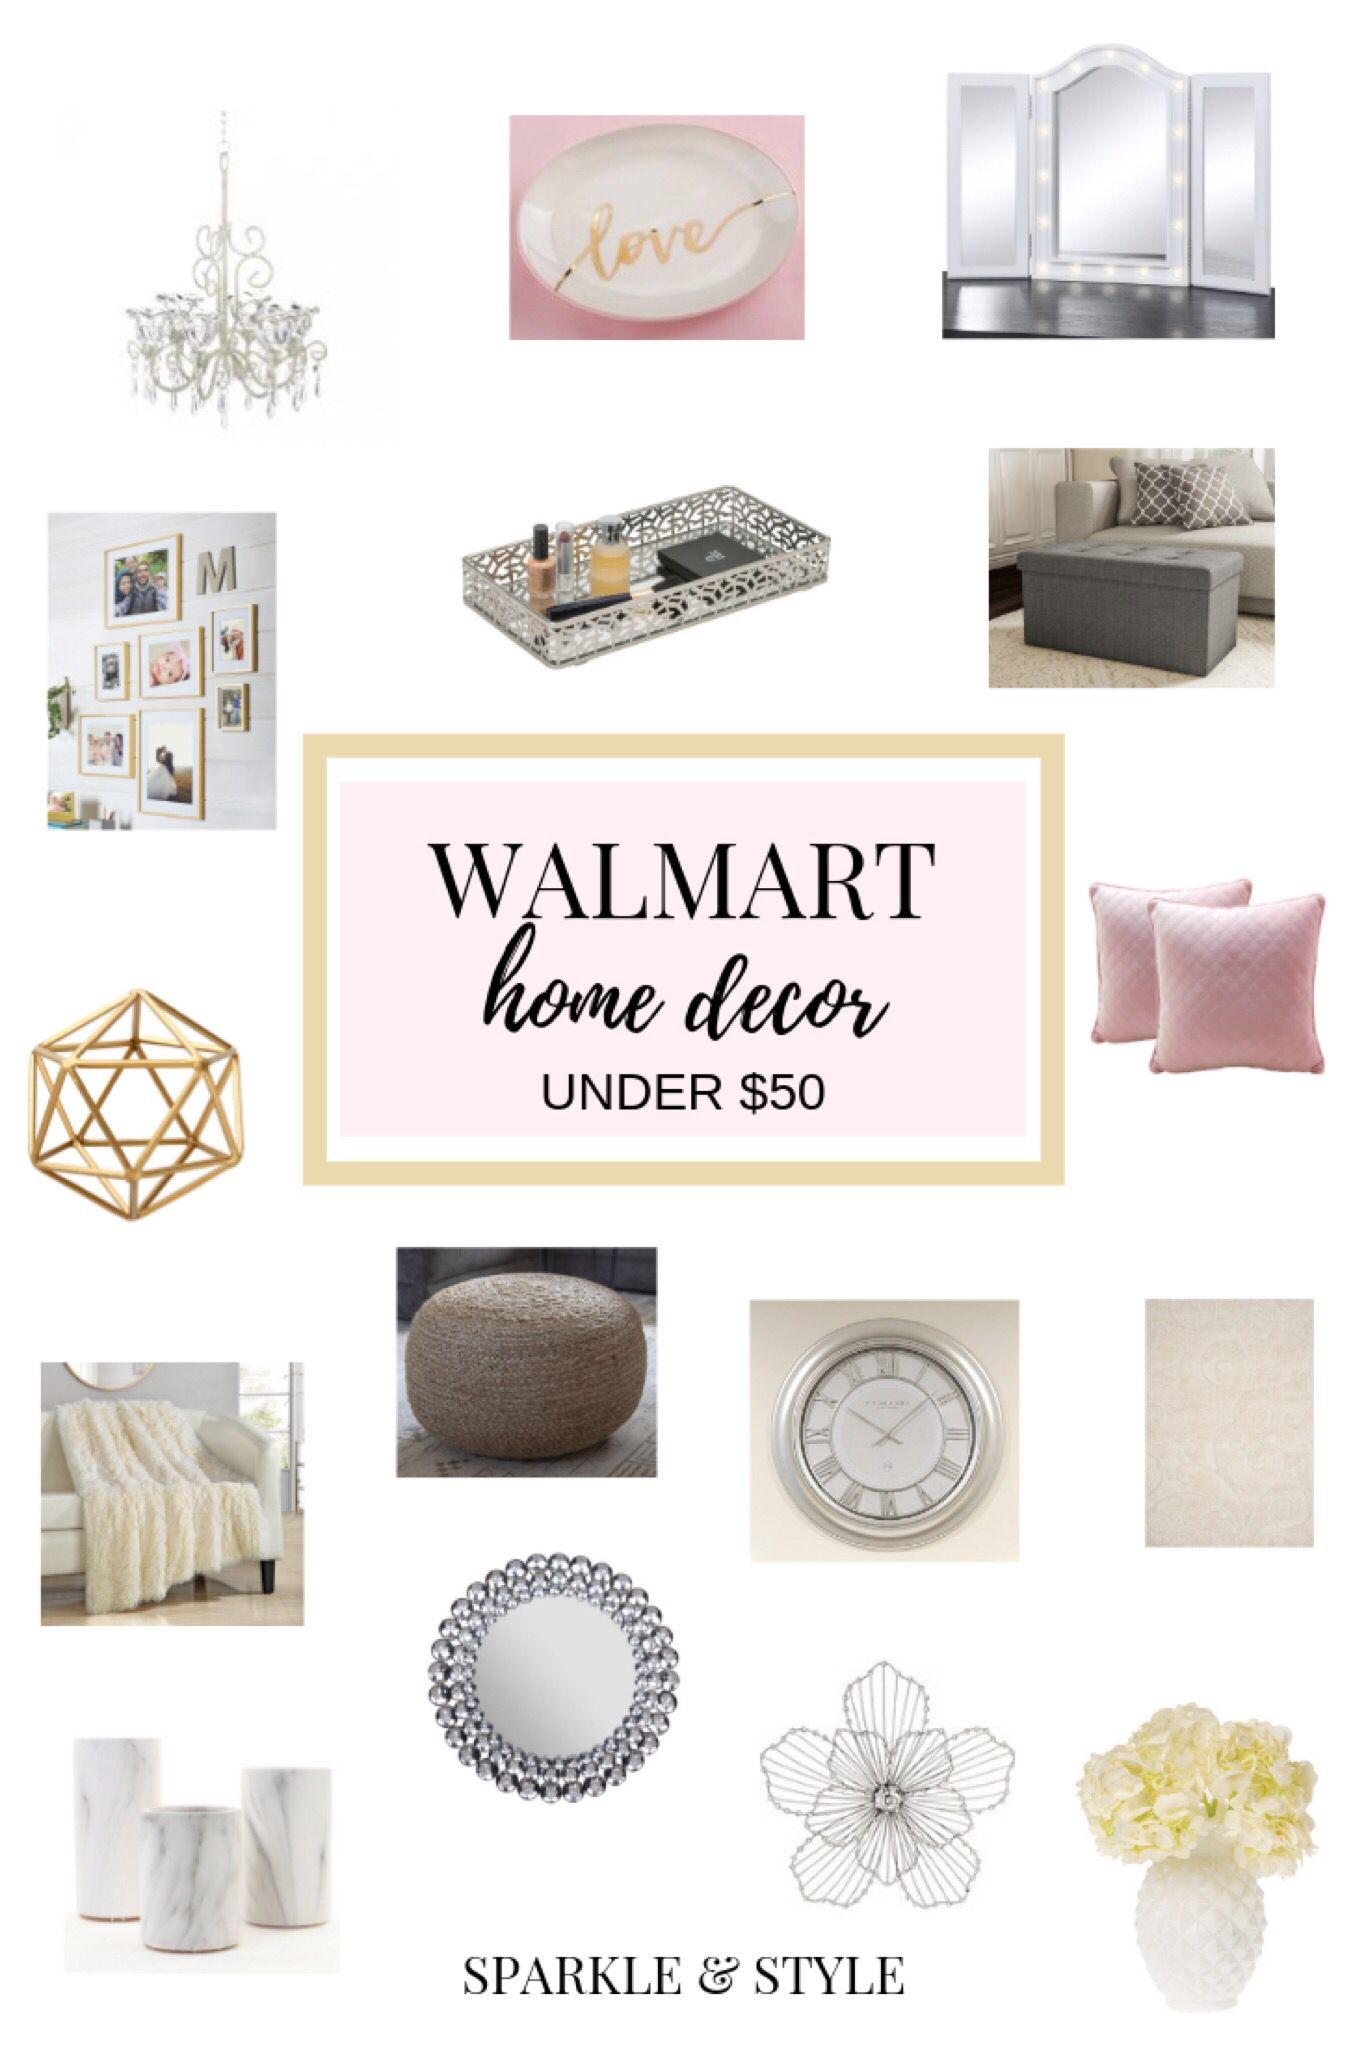 Walmart Home Decor Under $5 Roundup   Sparkle & Style   Walmart ...